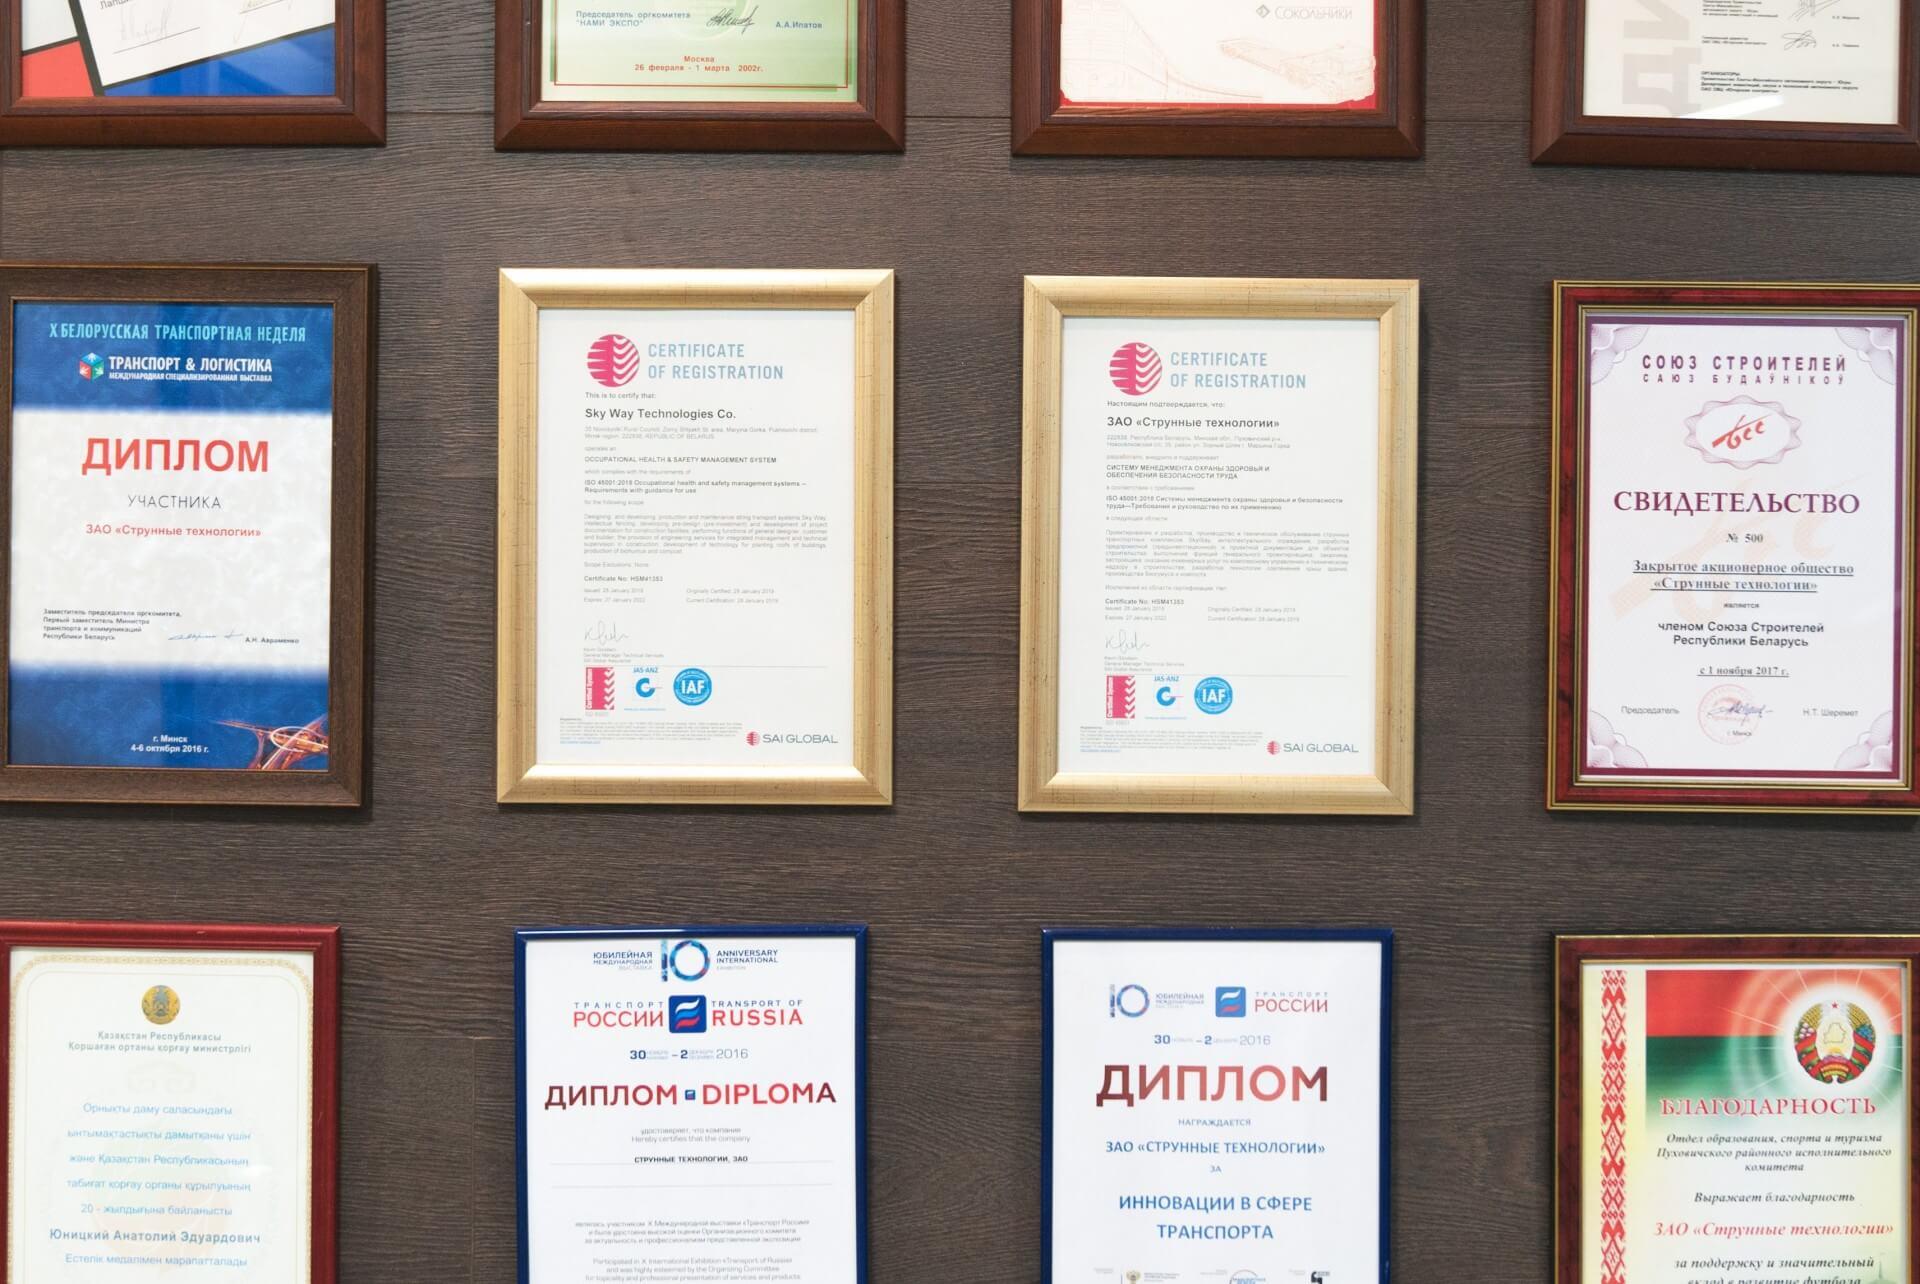 Струнные технологии получило новый сертификат